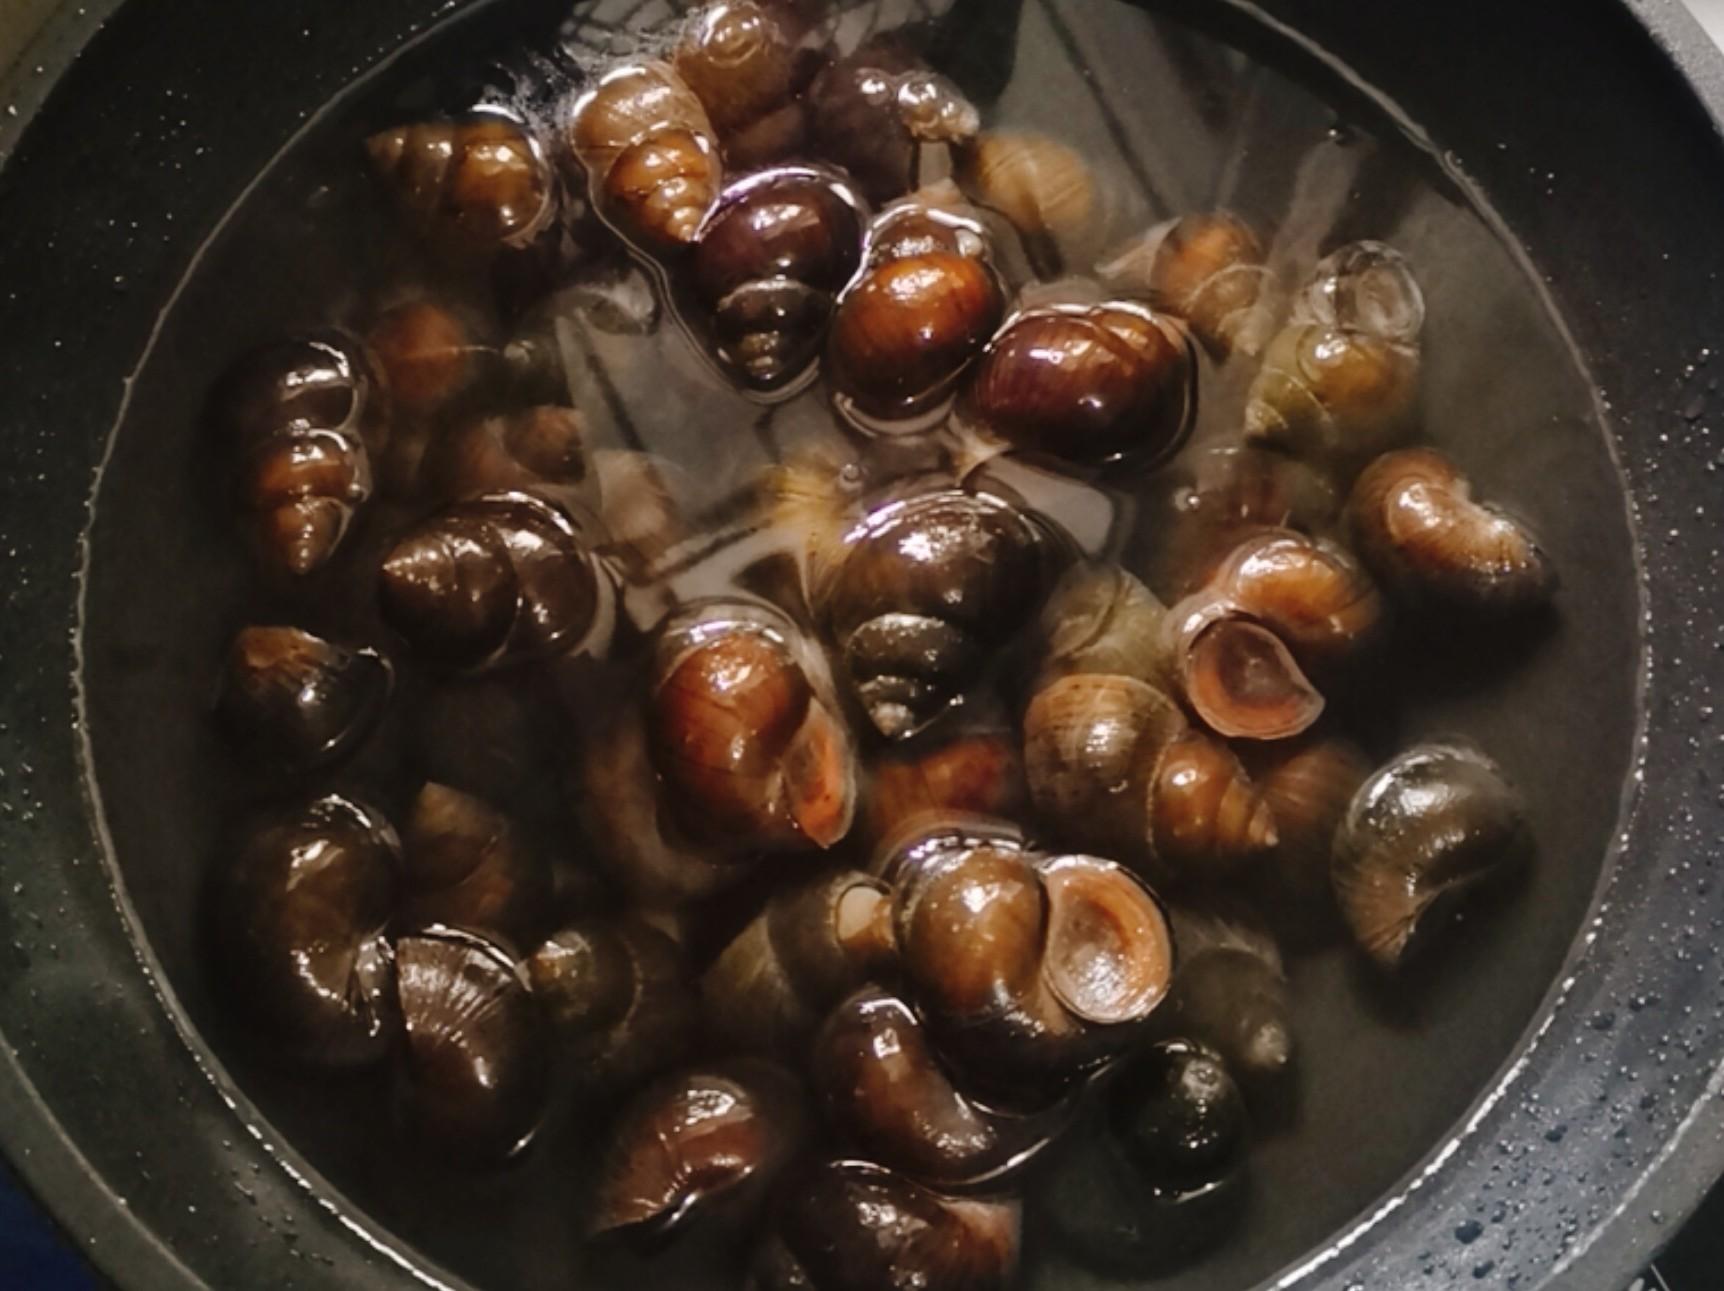 周庄名吃田螺塞肉,口口爆汁味道鲜的做法图解